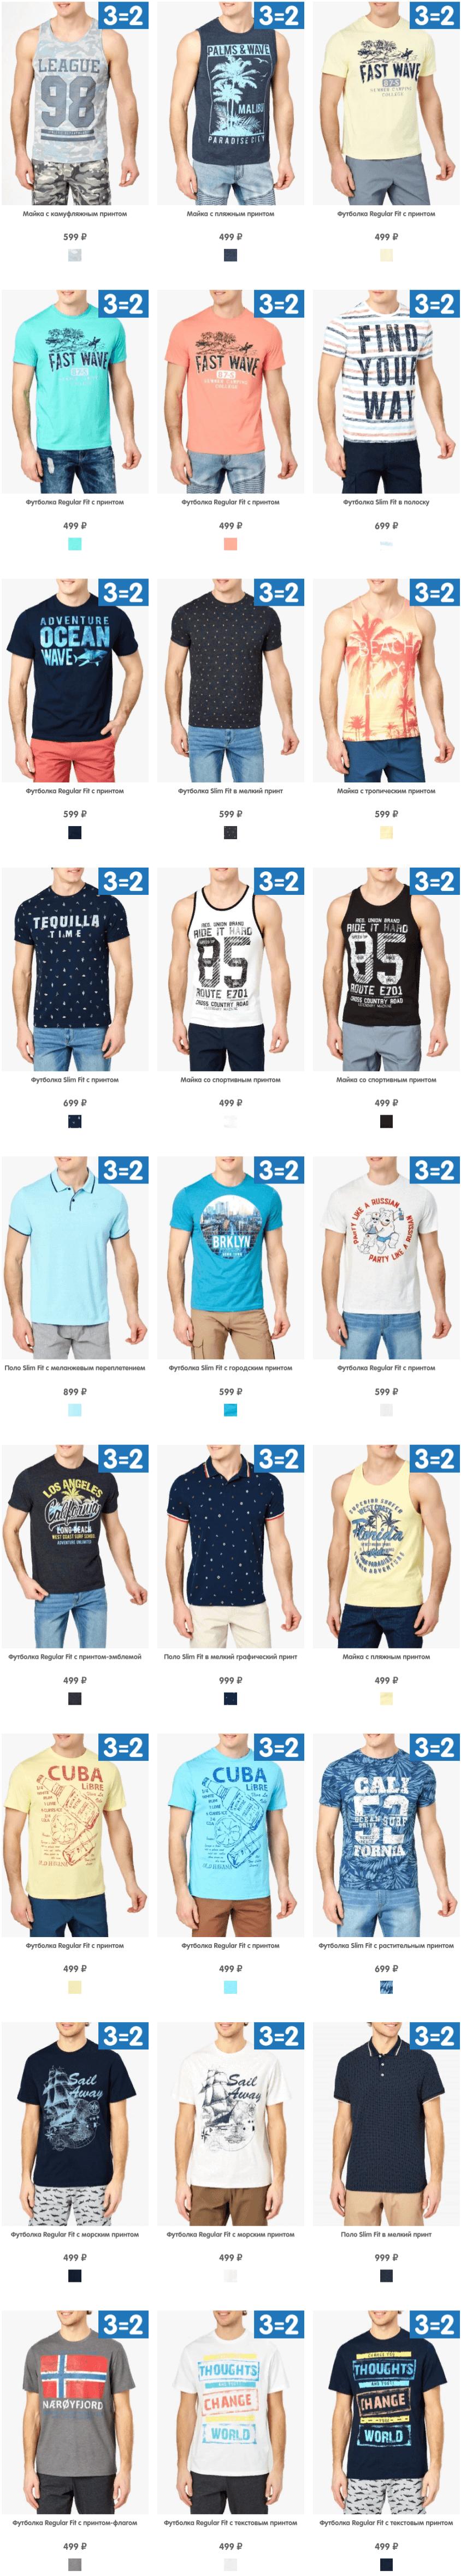 Купить Мужские футболки и поло в интернет-магазине одежды Funday